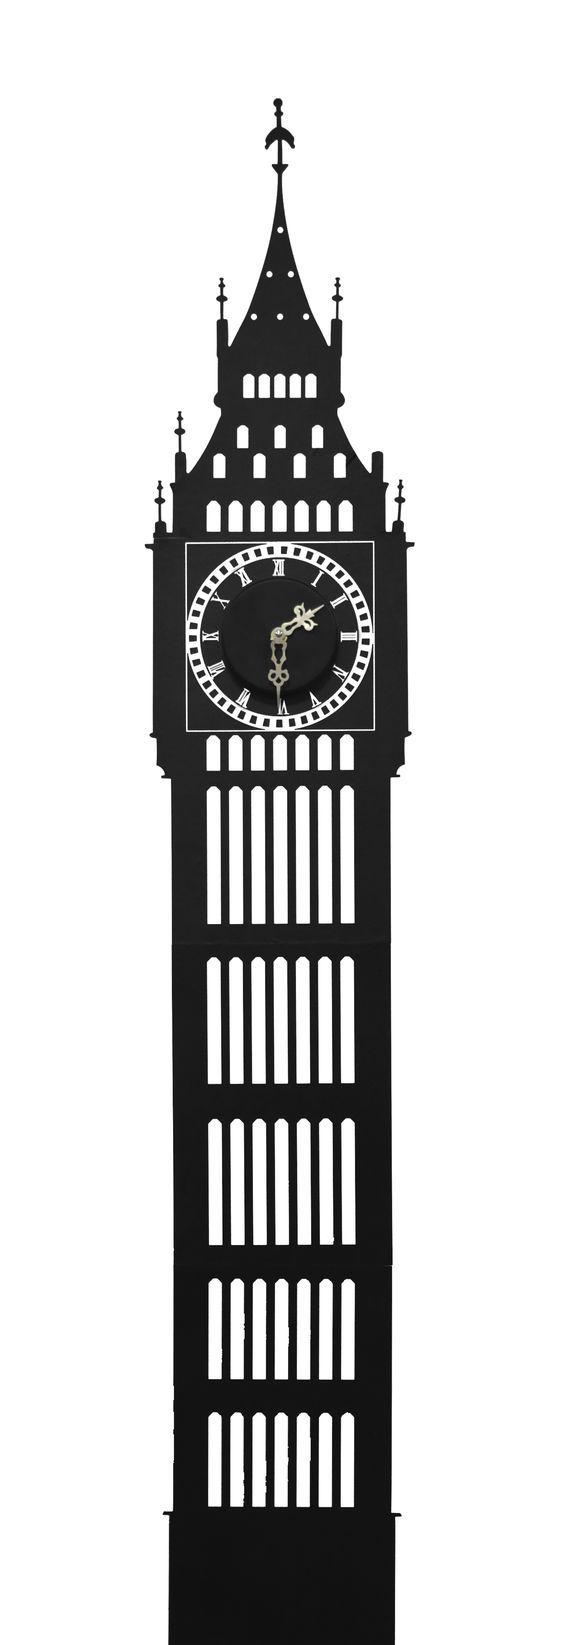 Big Ben Clock Tower Big Ben Big Ben Drawing Big Ben Clock